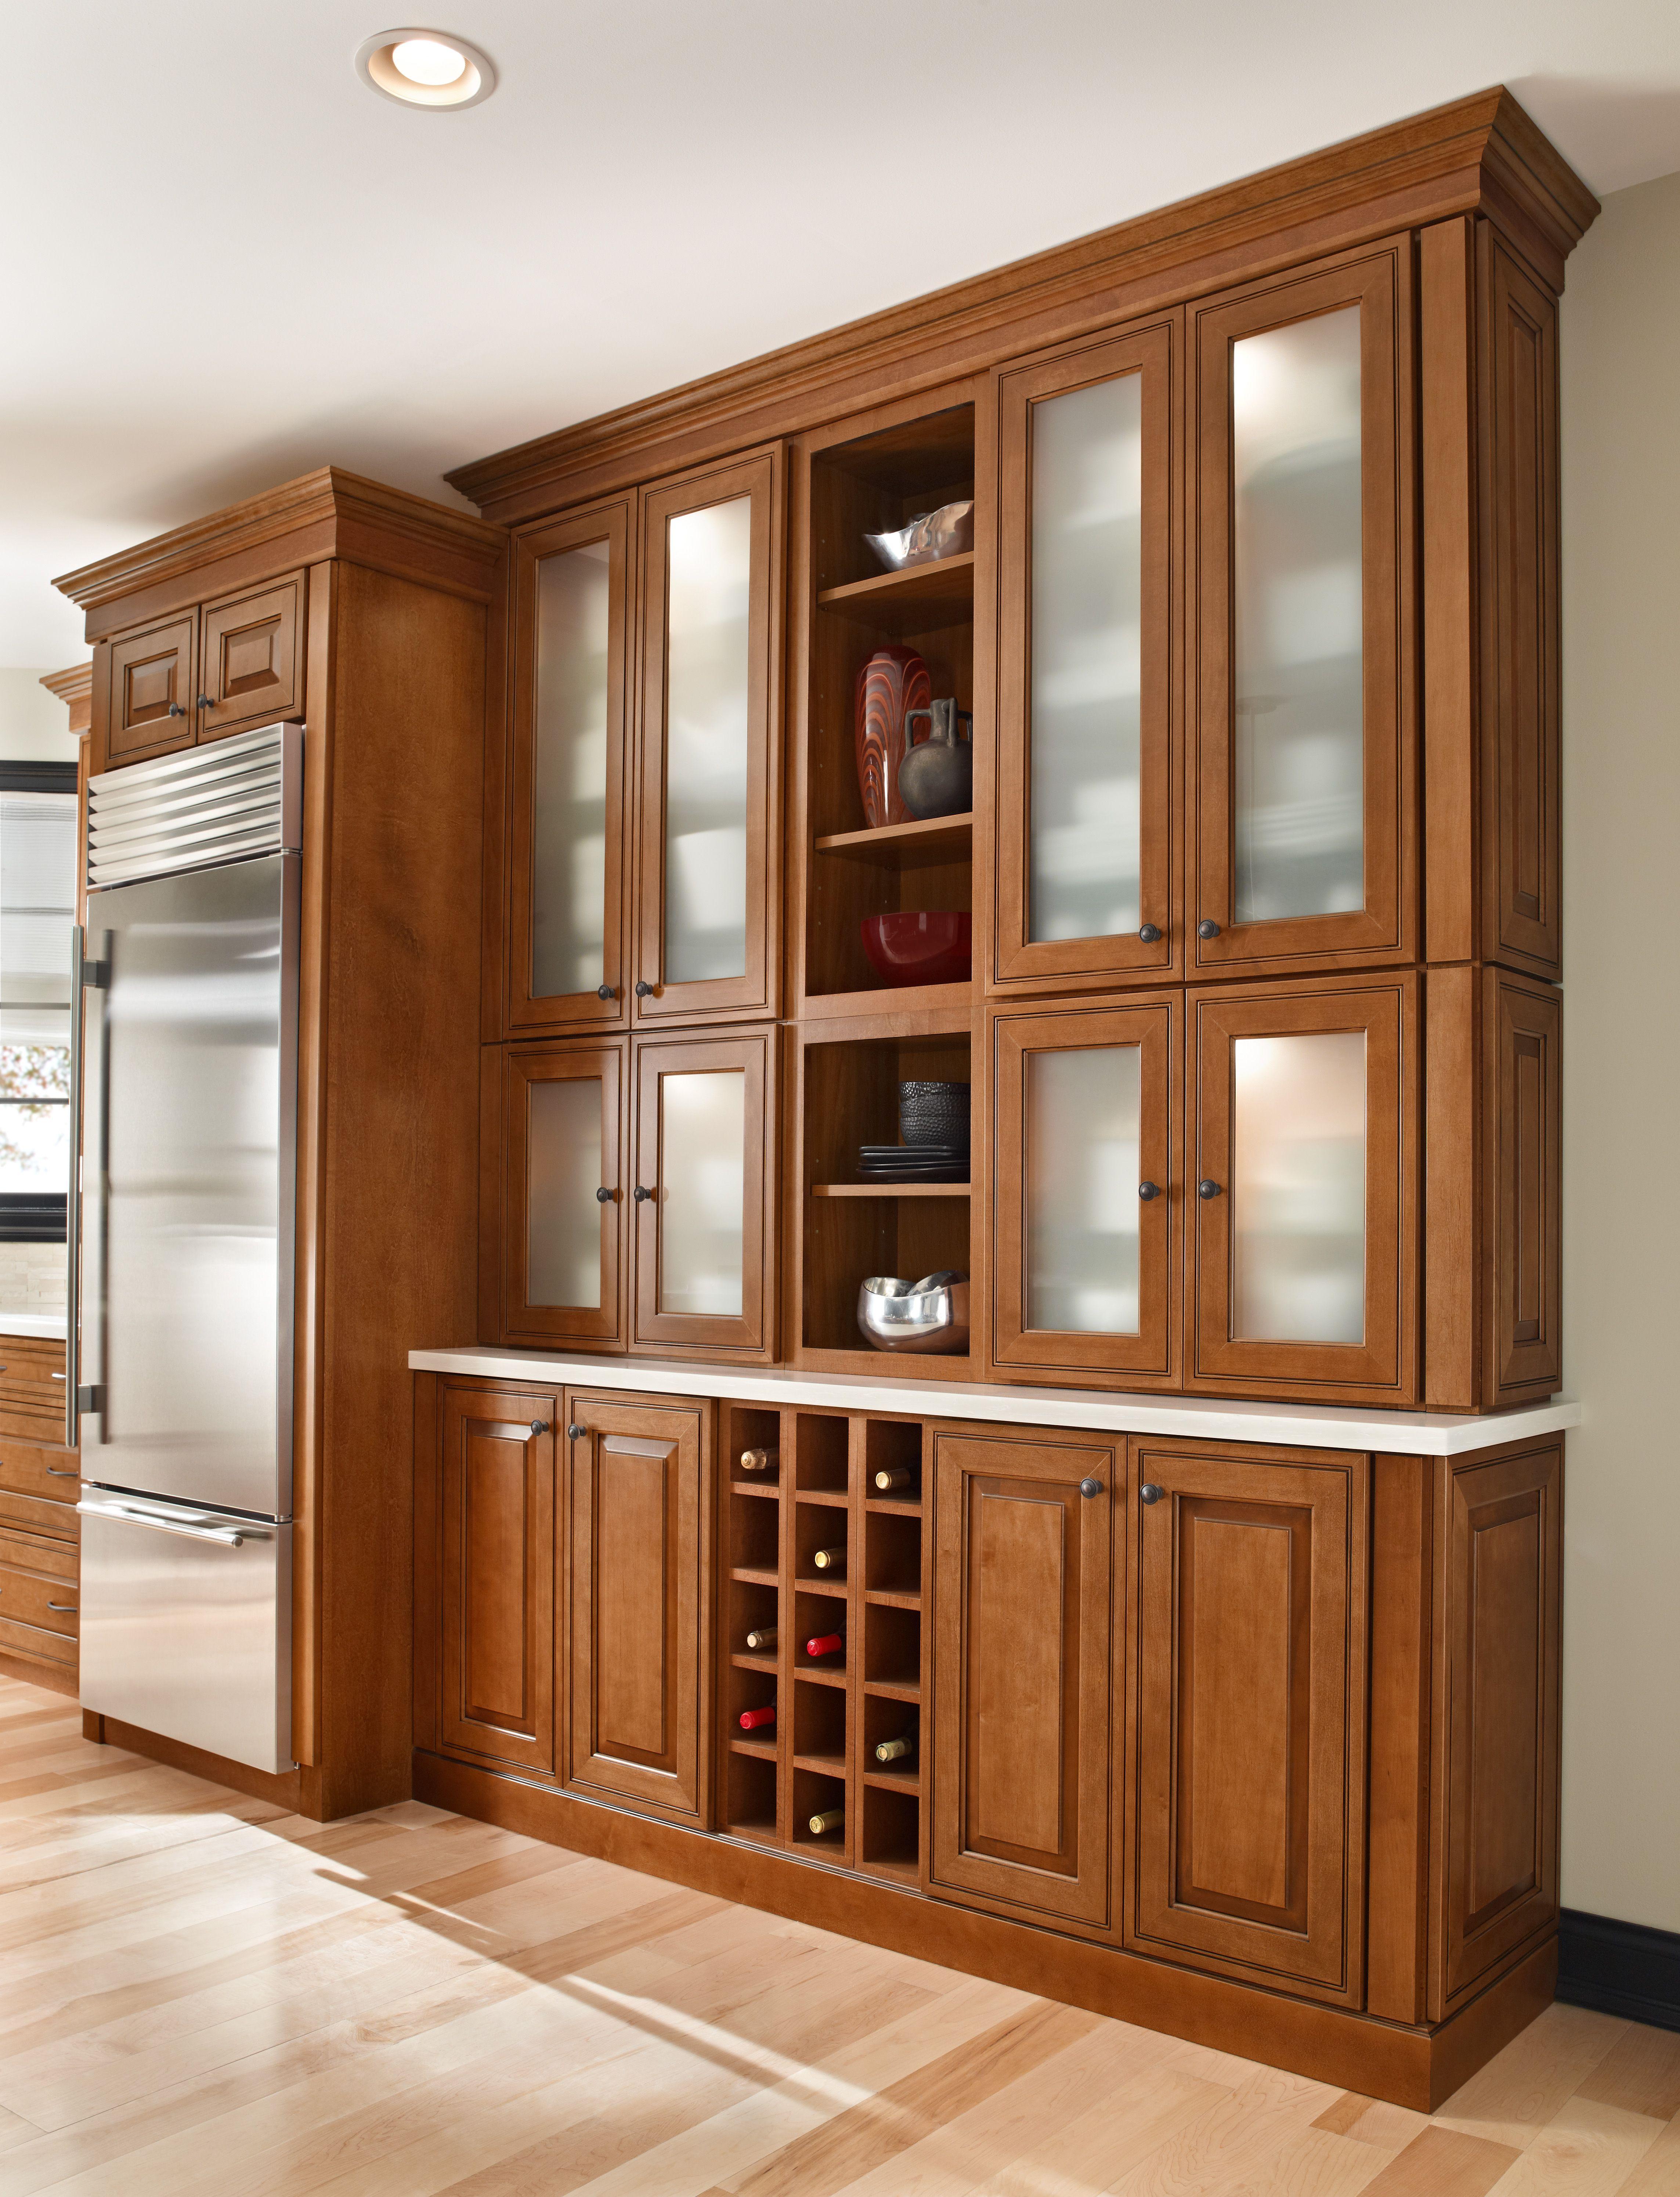 Waypoint Kitchen - 760 Door - Maple w/ Auburn Glaze | Bath ...